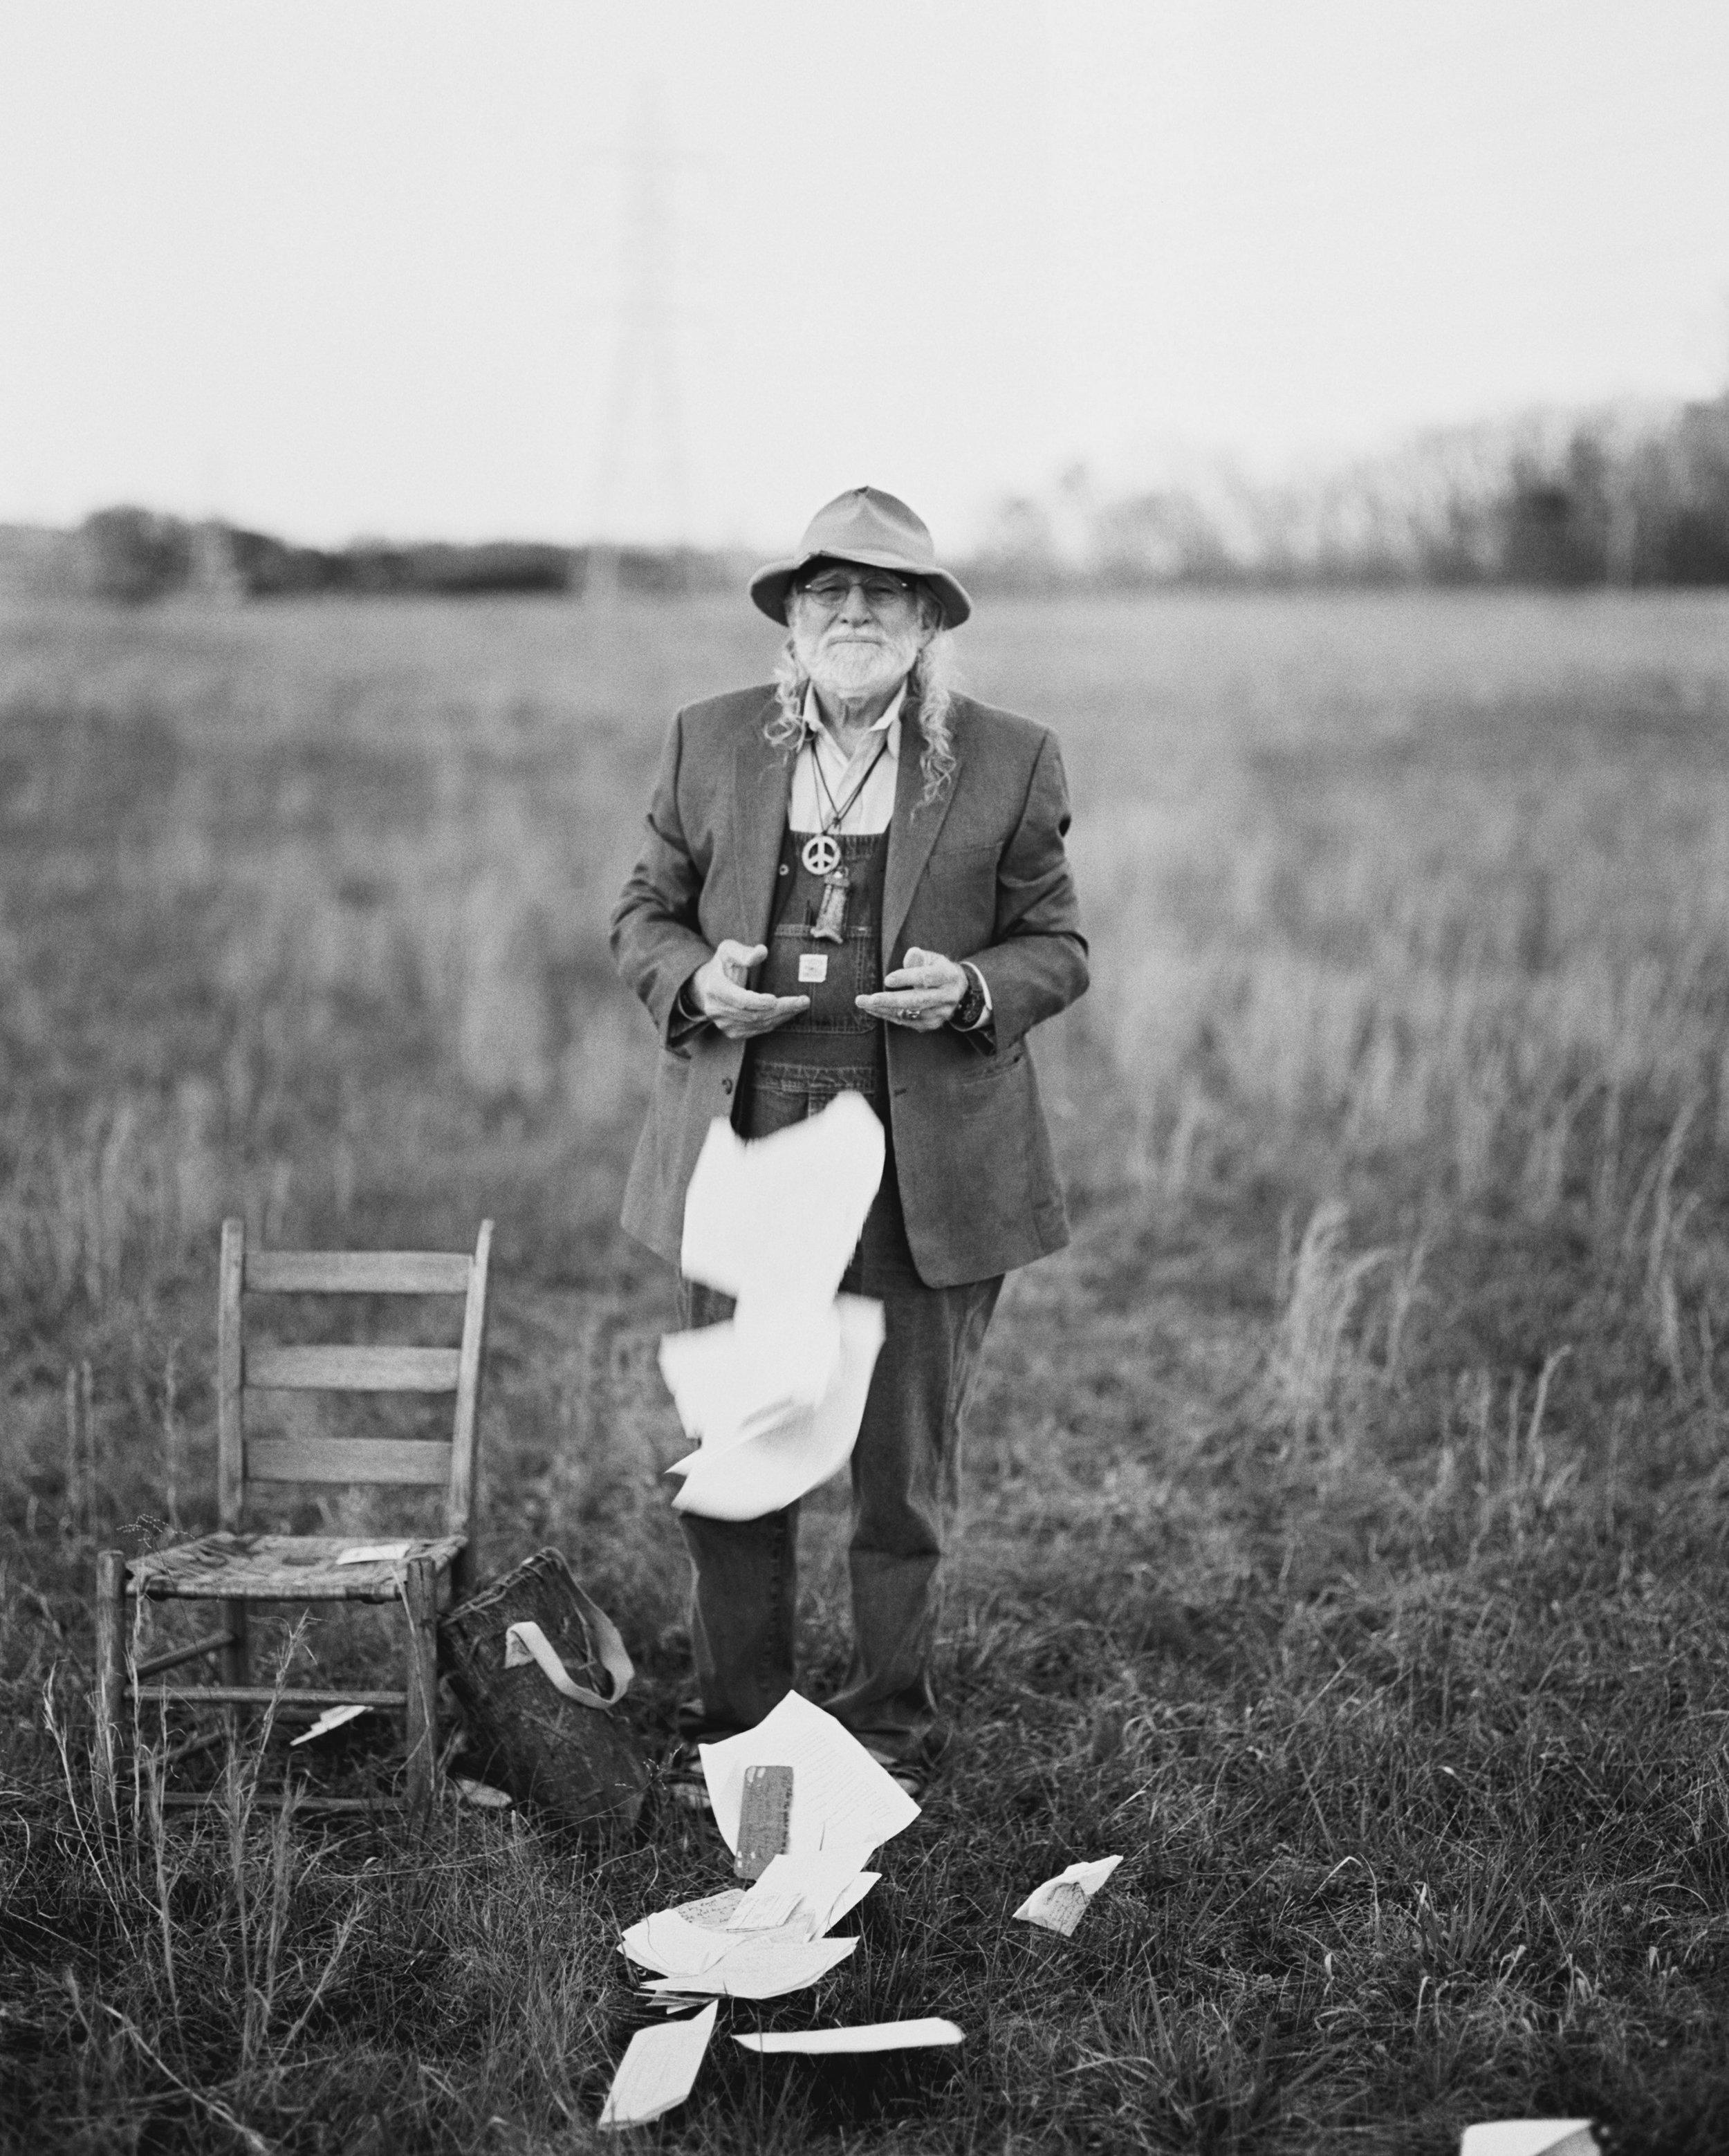 L.C. Pierpont Photography